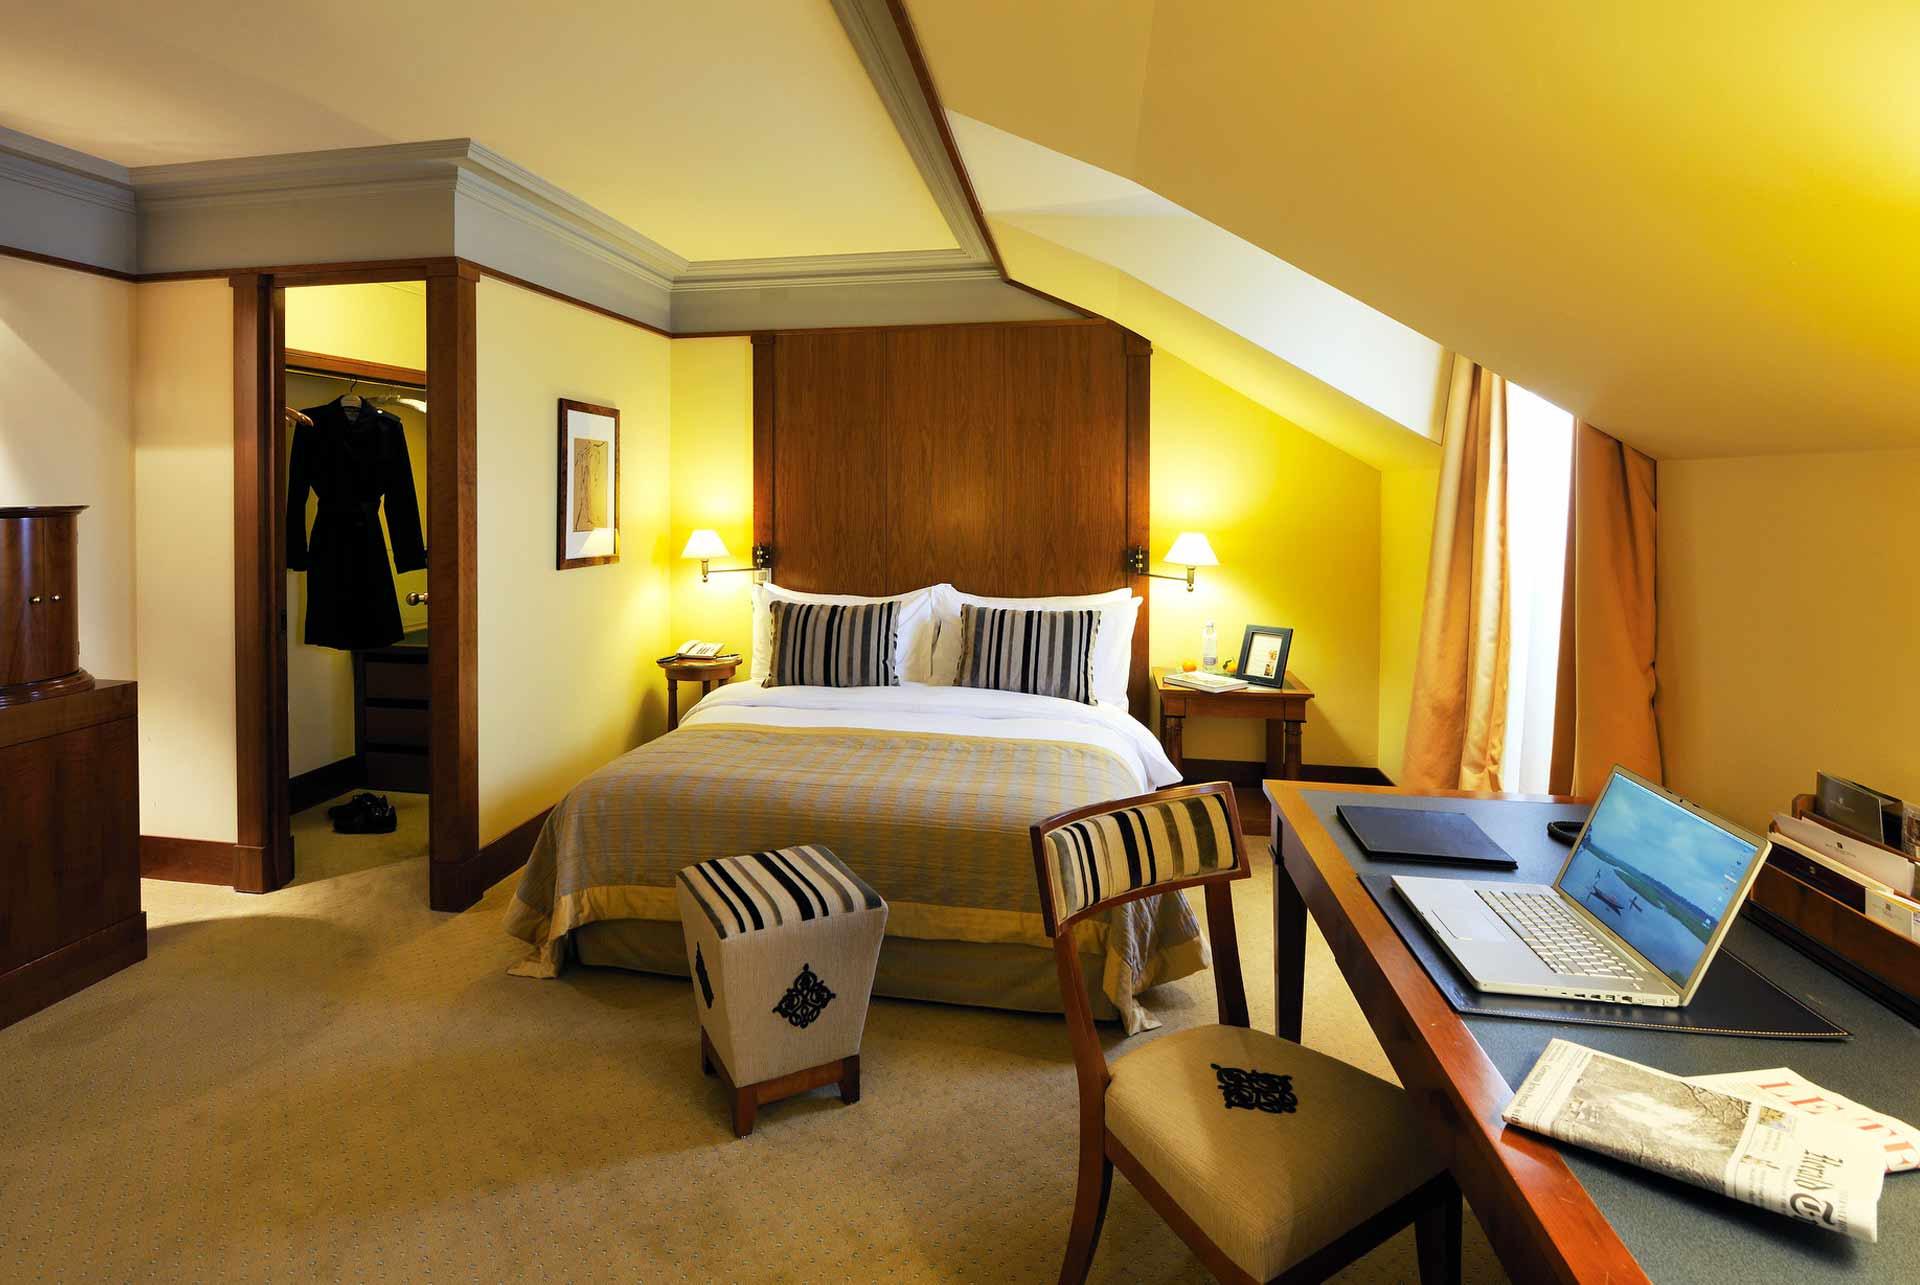 suites et chambres du beau rivage hotel neuch tel en suisse. Black Bedroom Furniture Sets. Home Design Ideas